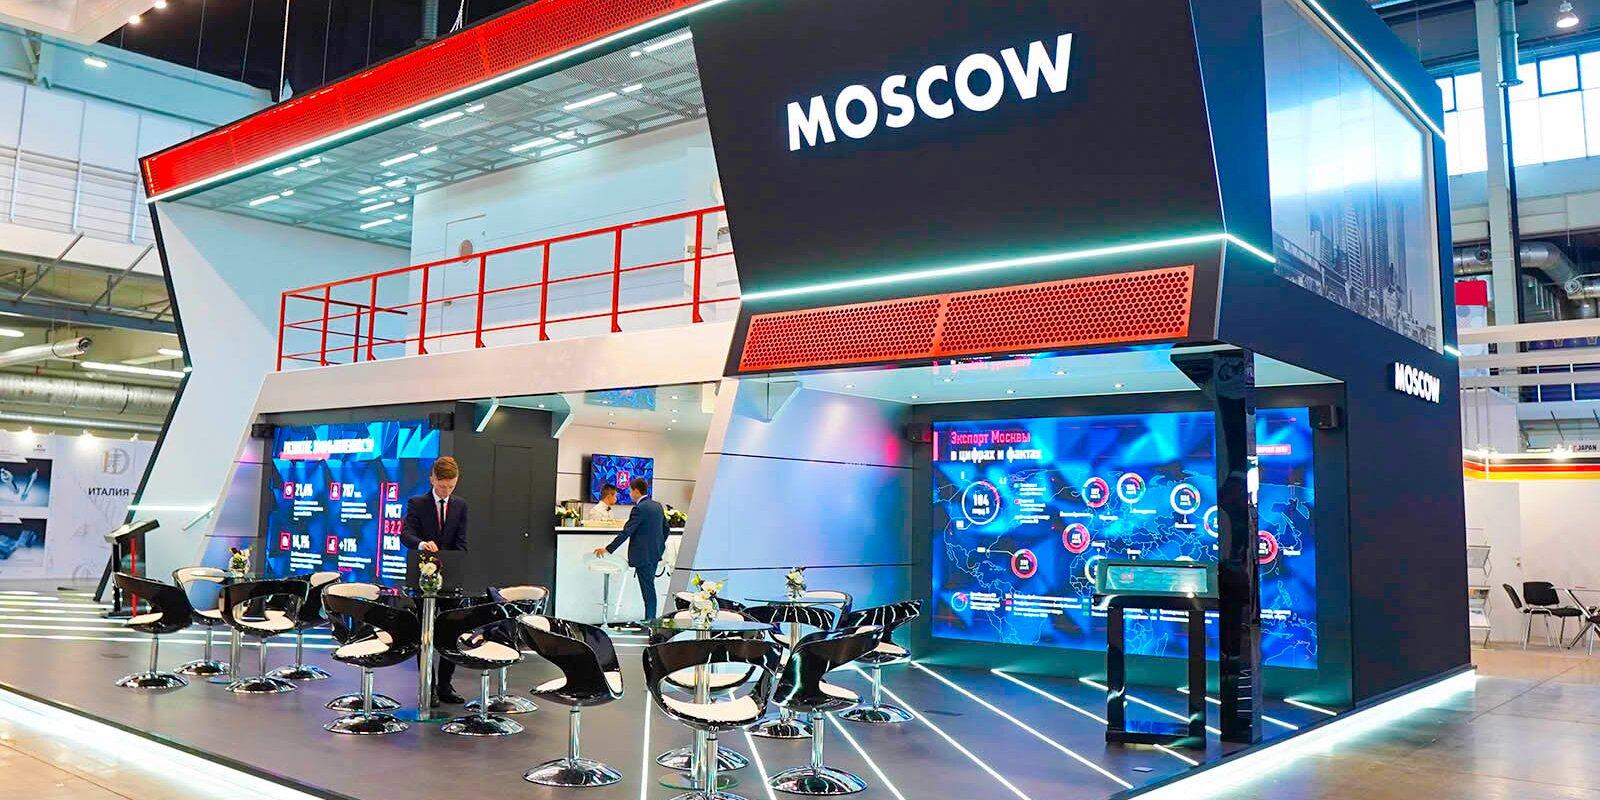 Московскому бизнесу одобрили почти 560 миллионов рублей в виде субсидий и грантов